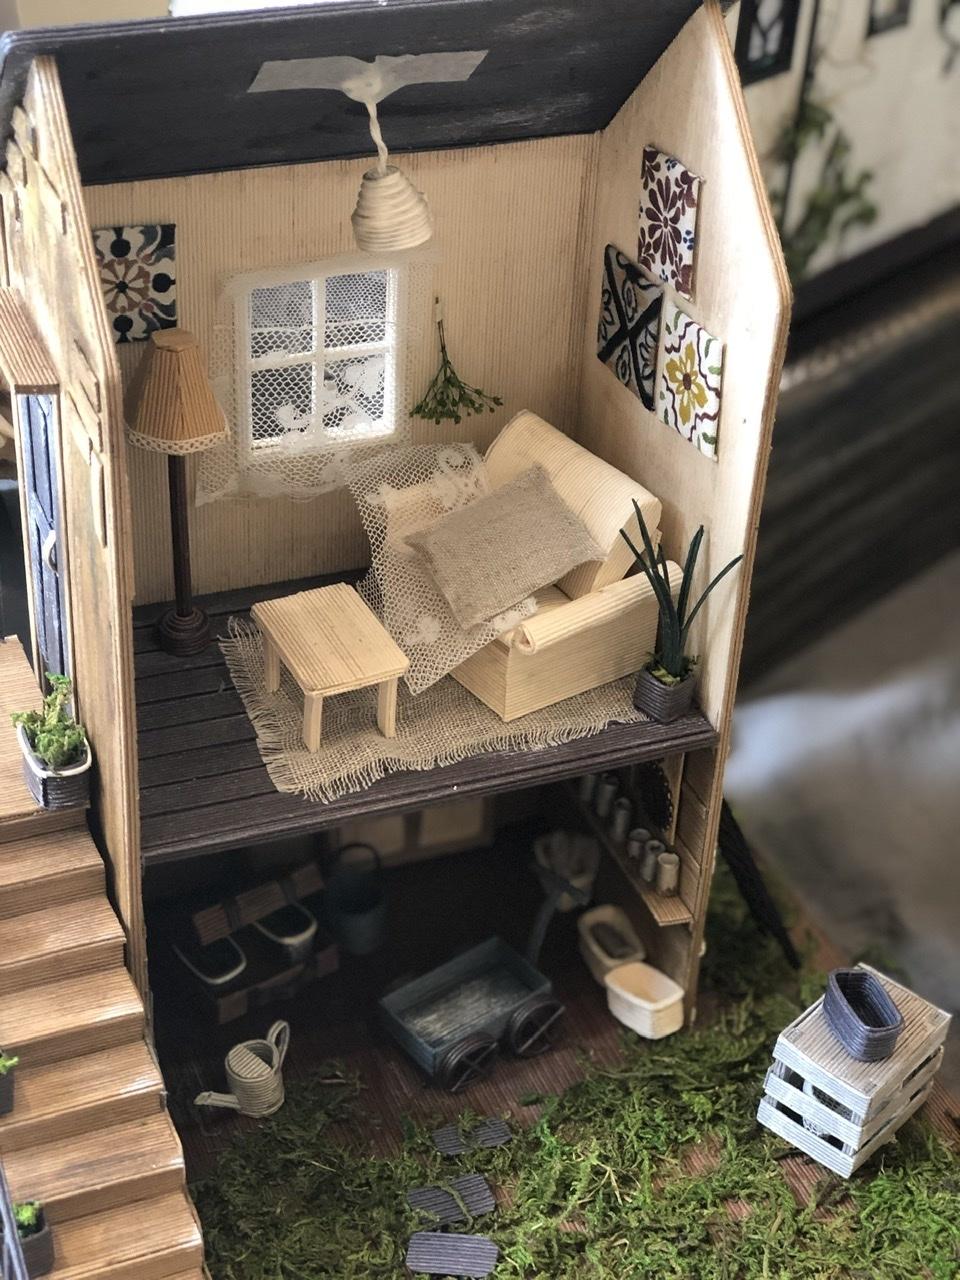 「こんなお家に住んでみたい♡」村田美穂ちゃんの「紙バントで楽しくミニチュアハウス」の出版記念作品展に行ってきました@表参道ギャラリーニイク_a0157409_14221931.jpeg